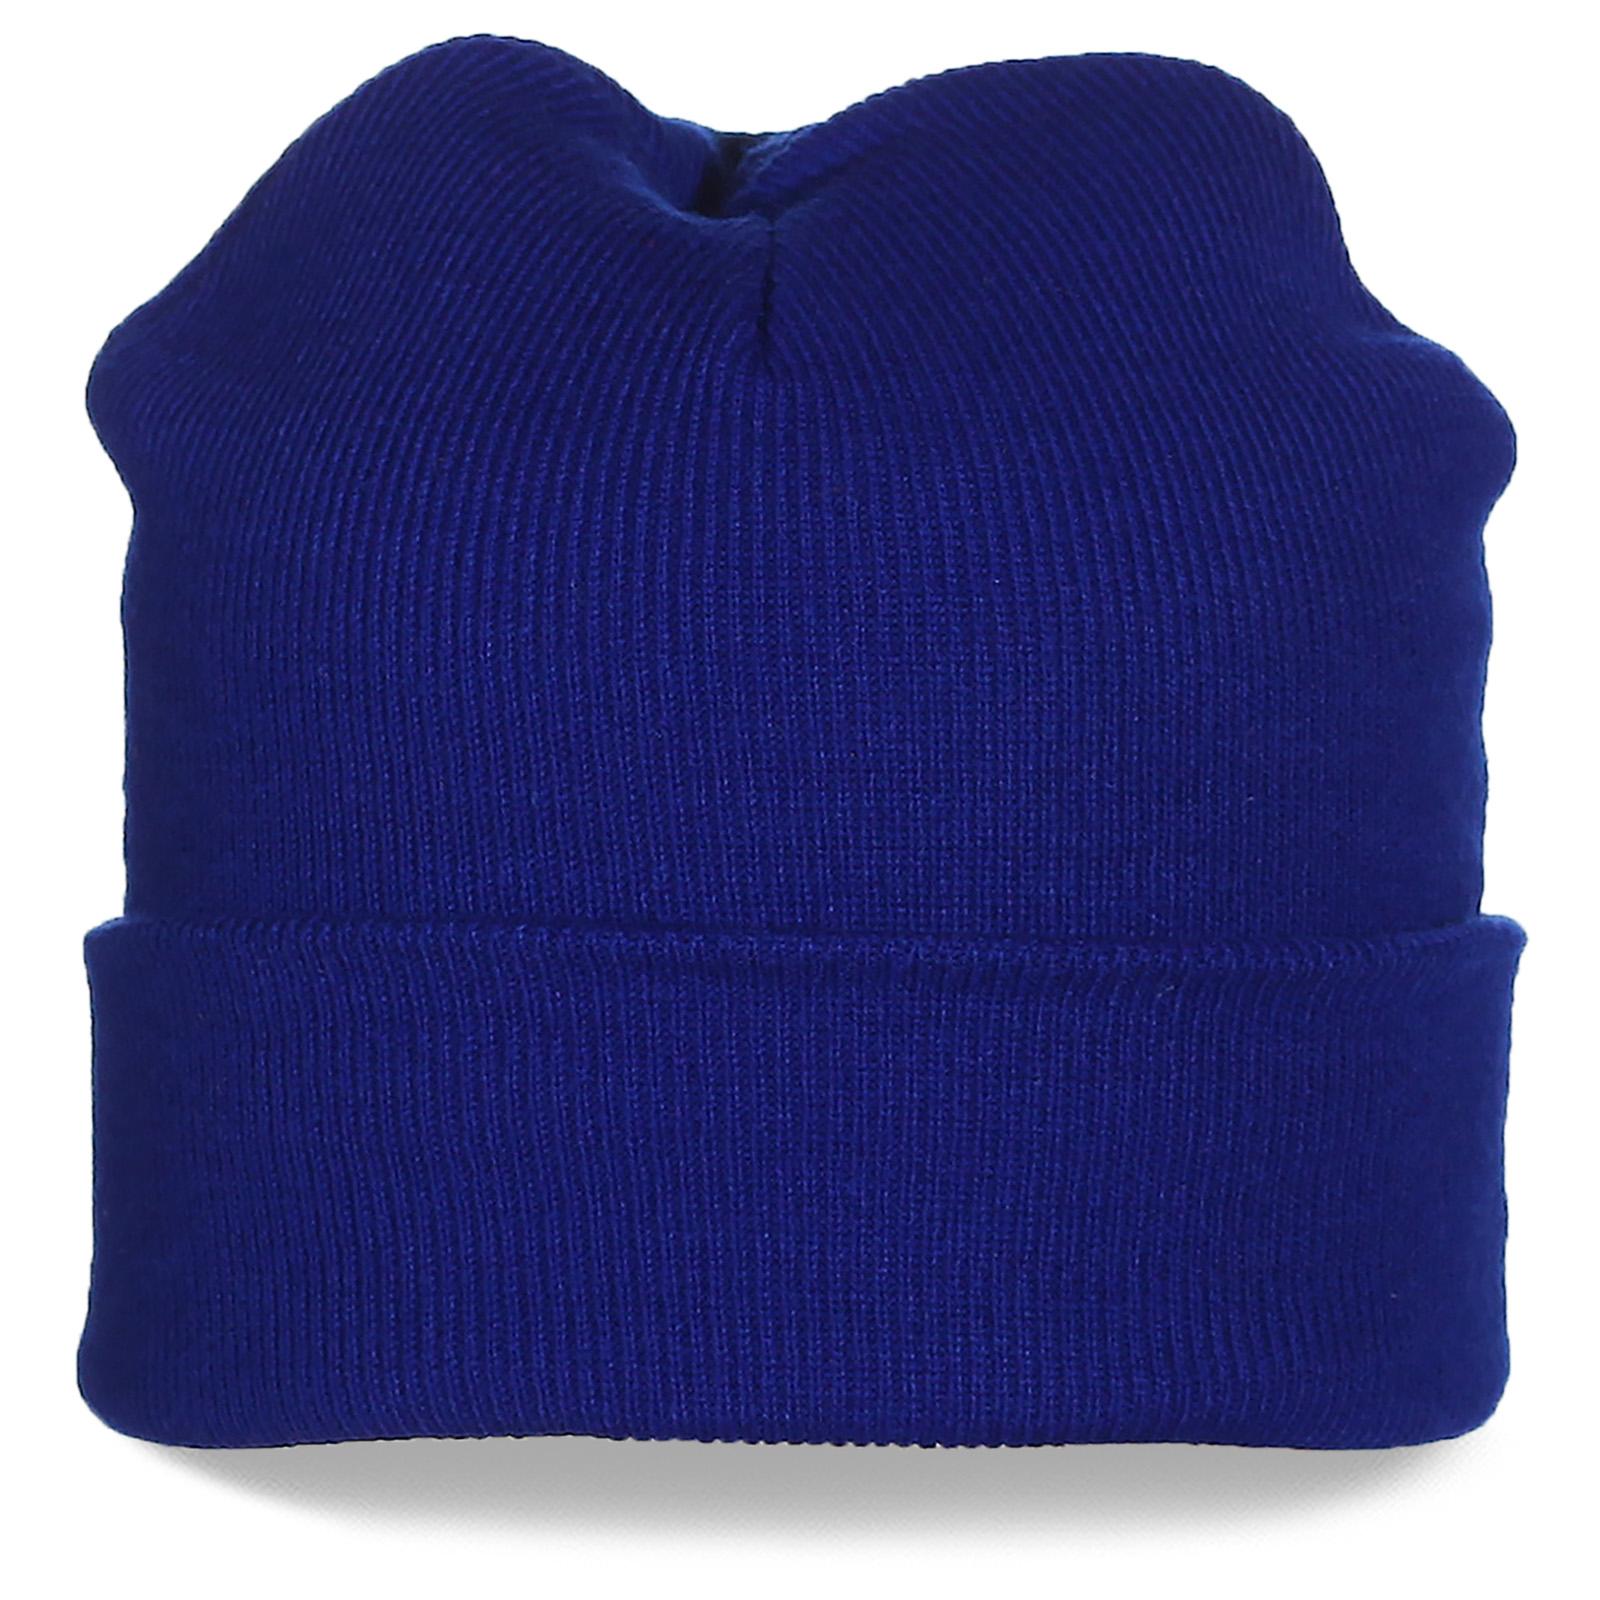 Актуальная шапка синего цвета с подворотом. Модель, которая подходит всем!